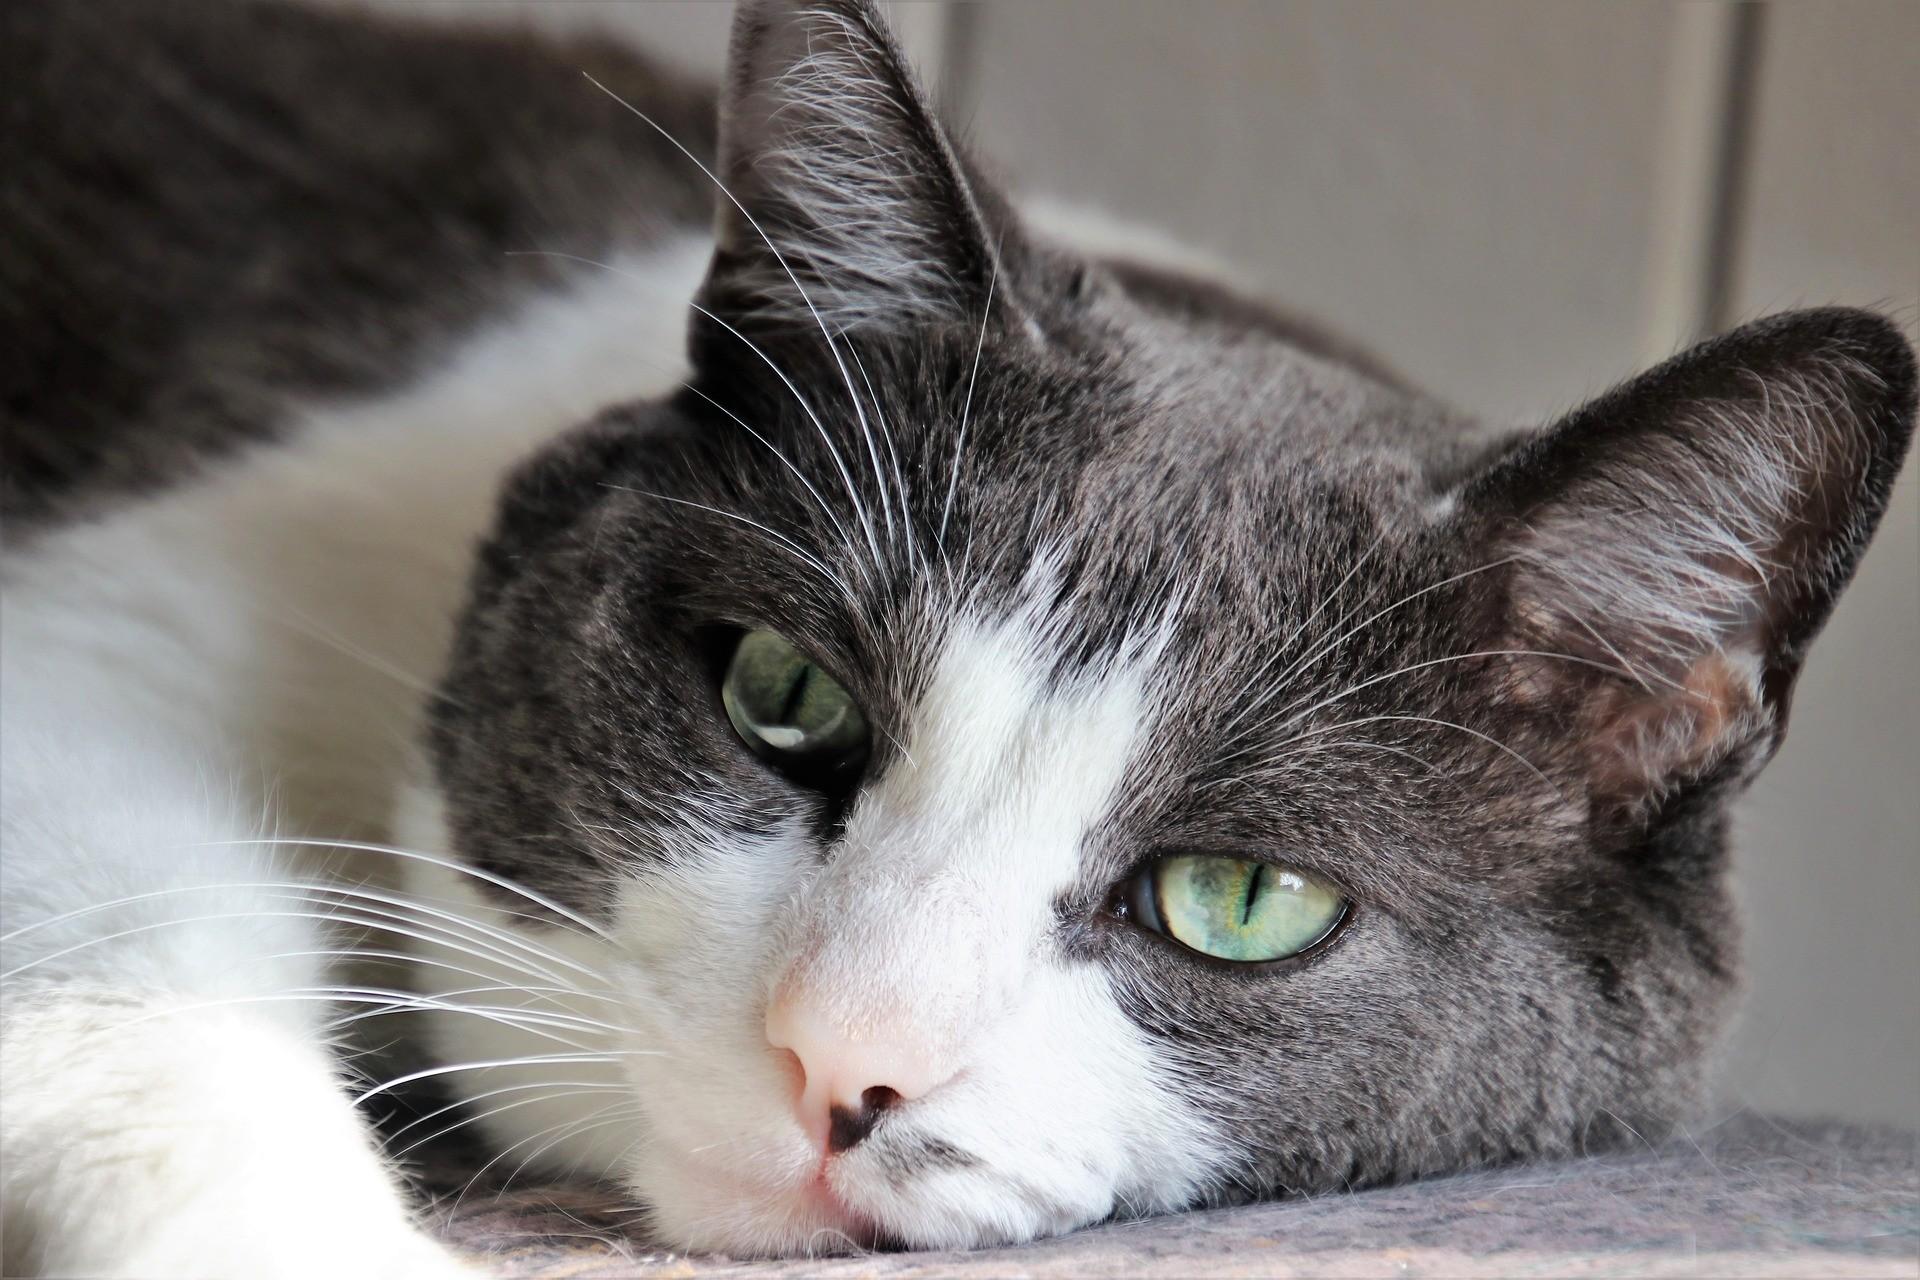 ▲貓咪,貓星人,喵,難過,悲傷。(圖/取自免費圖庫Pixabay)